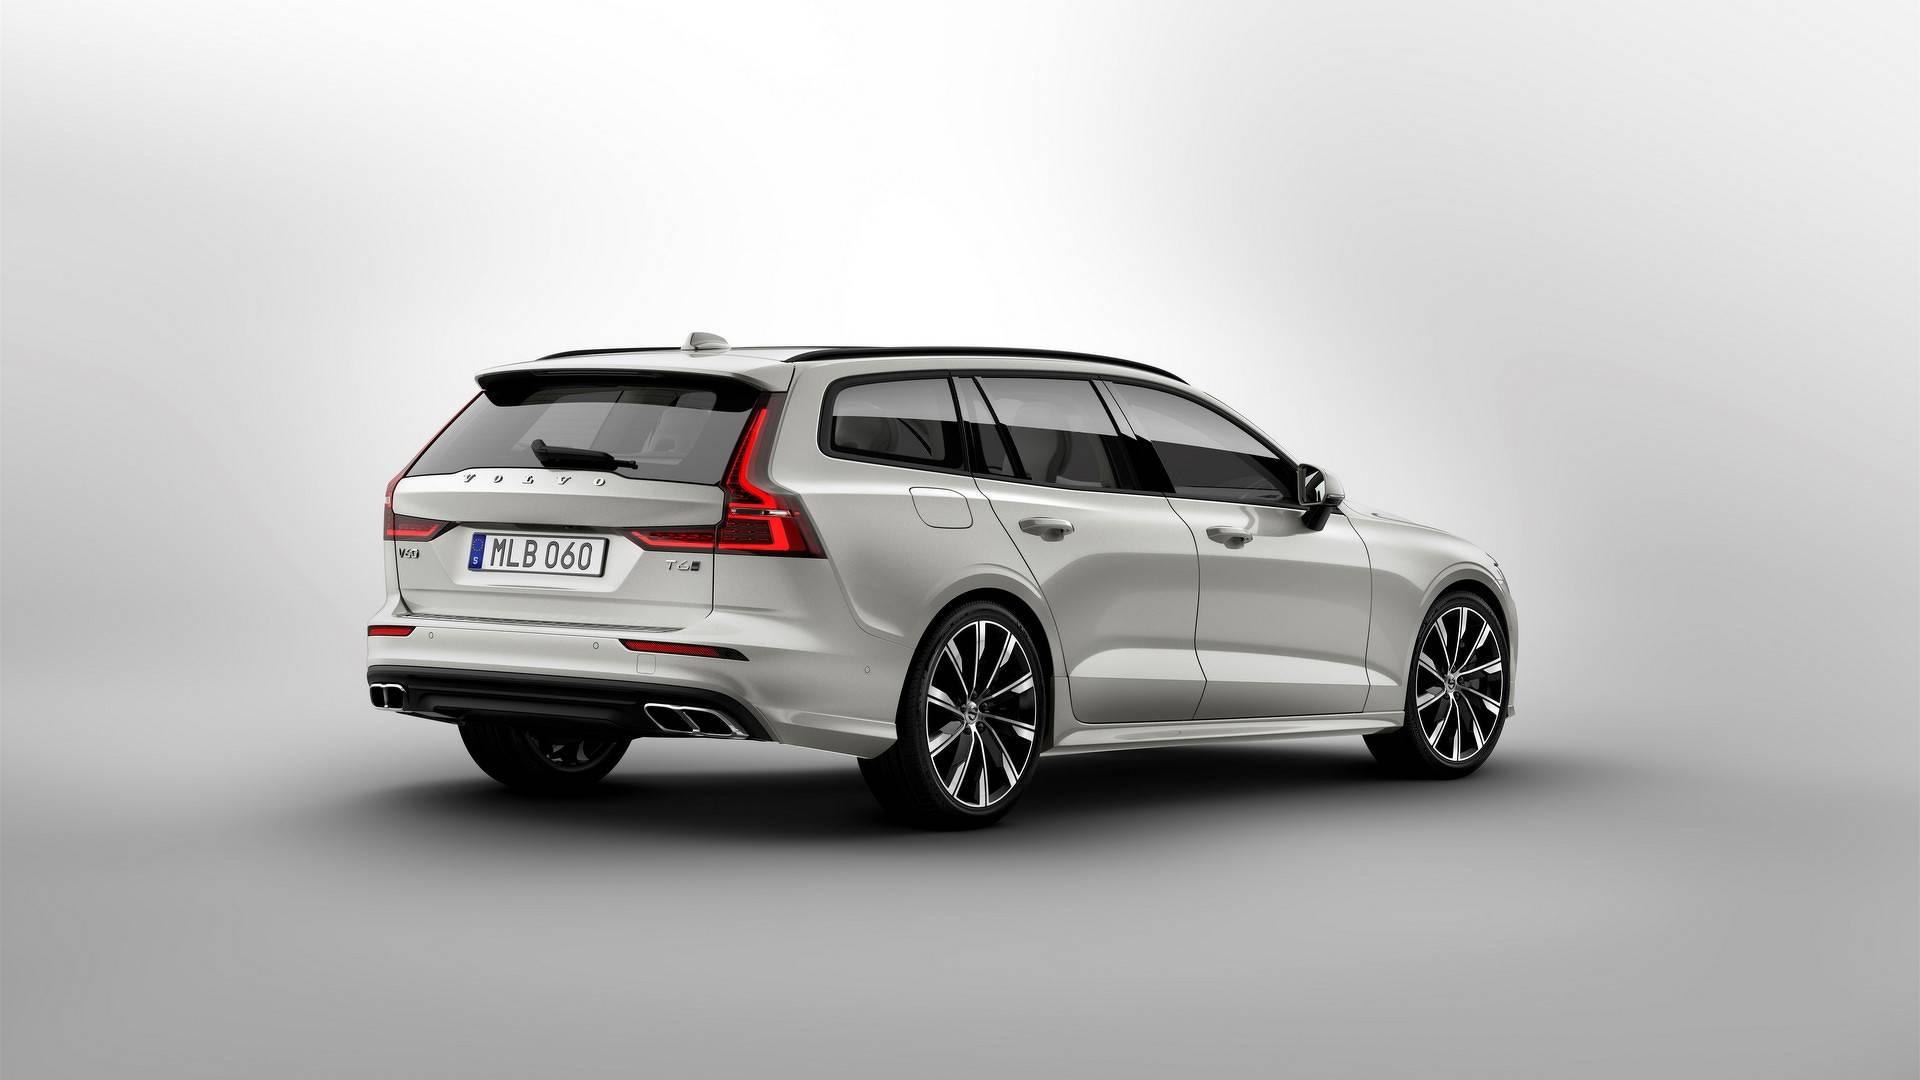 Volvo V60 Black >> Volvo V60 generasi baharu didedahkan secara rasmi – turut tampil pilihan hibrid plug-in T6 Twin ...